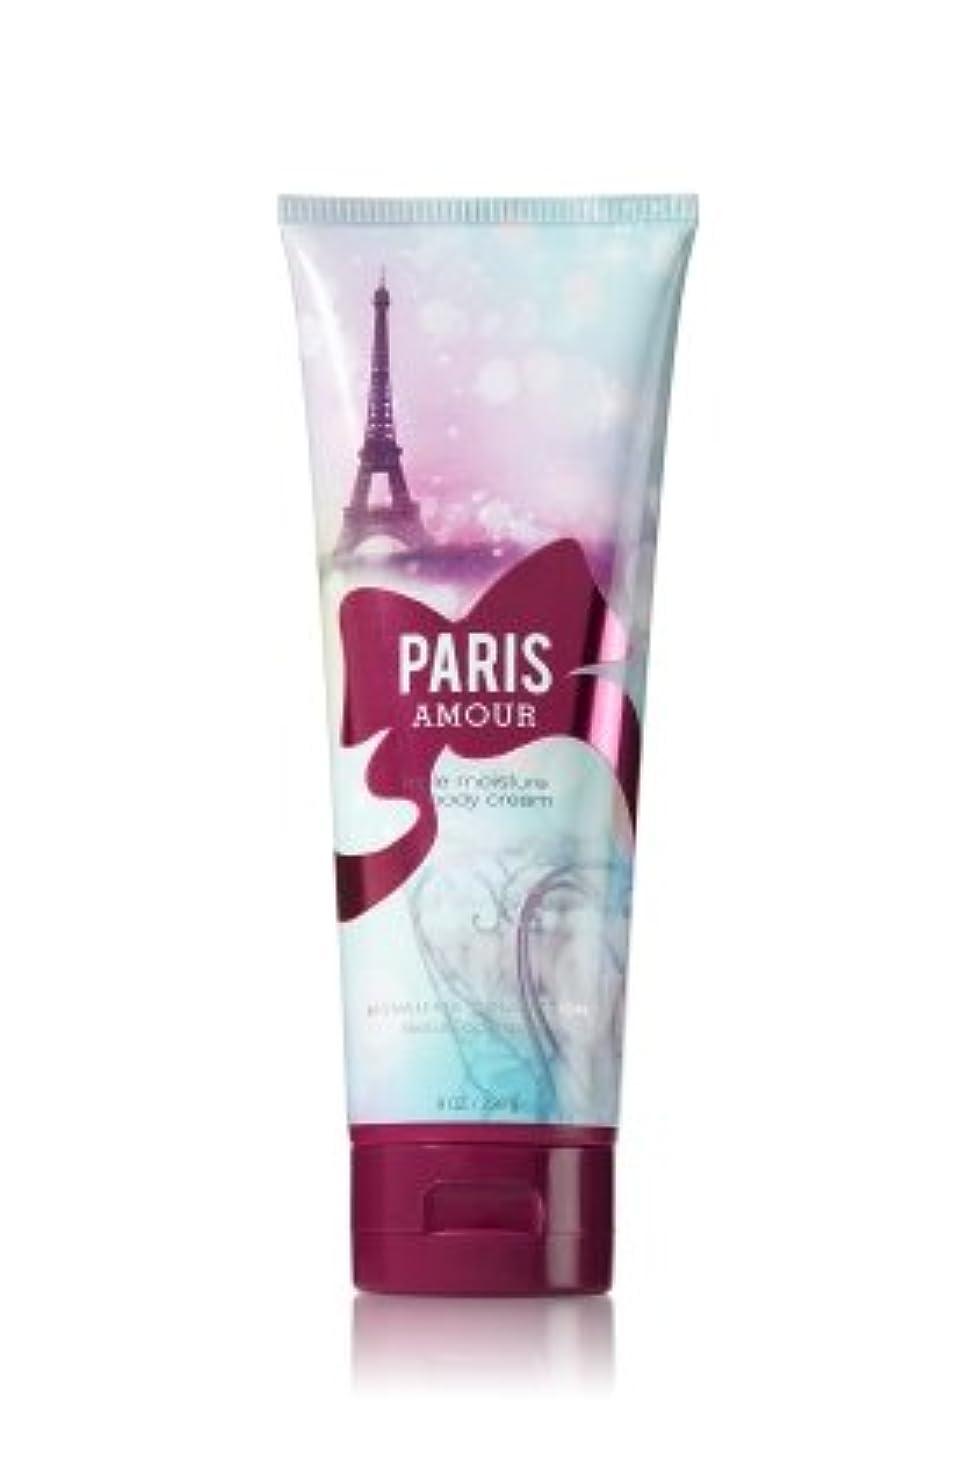 みがきます罹患率もっともらしいバス&ボディワークス パリスアモール ボディクリーム Paris Amour Triple Moisture Body Cream [海外直送品]